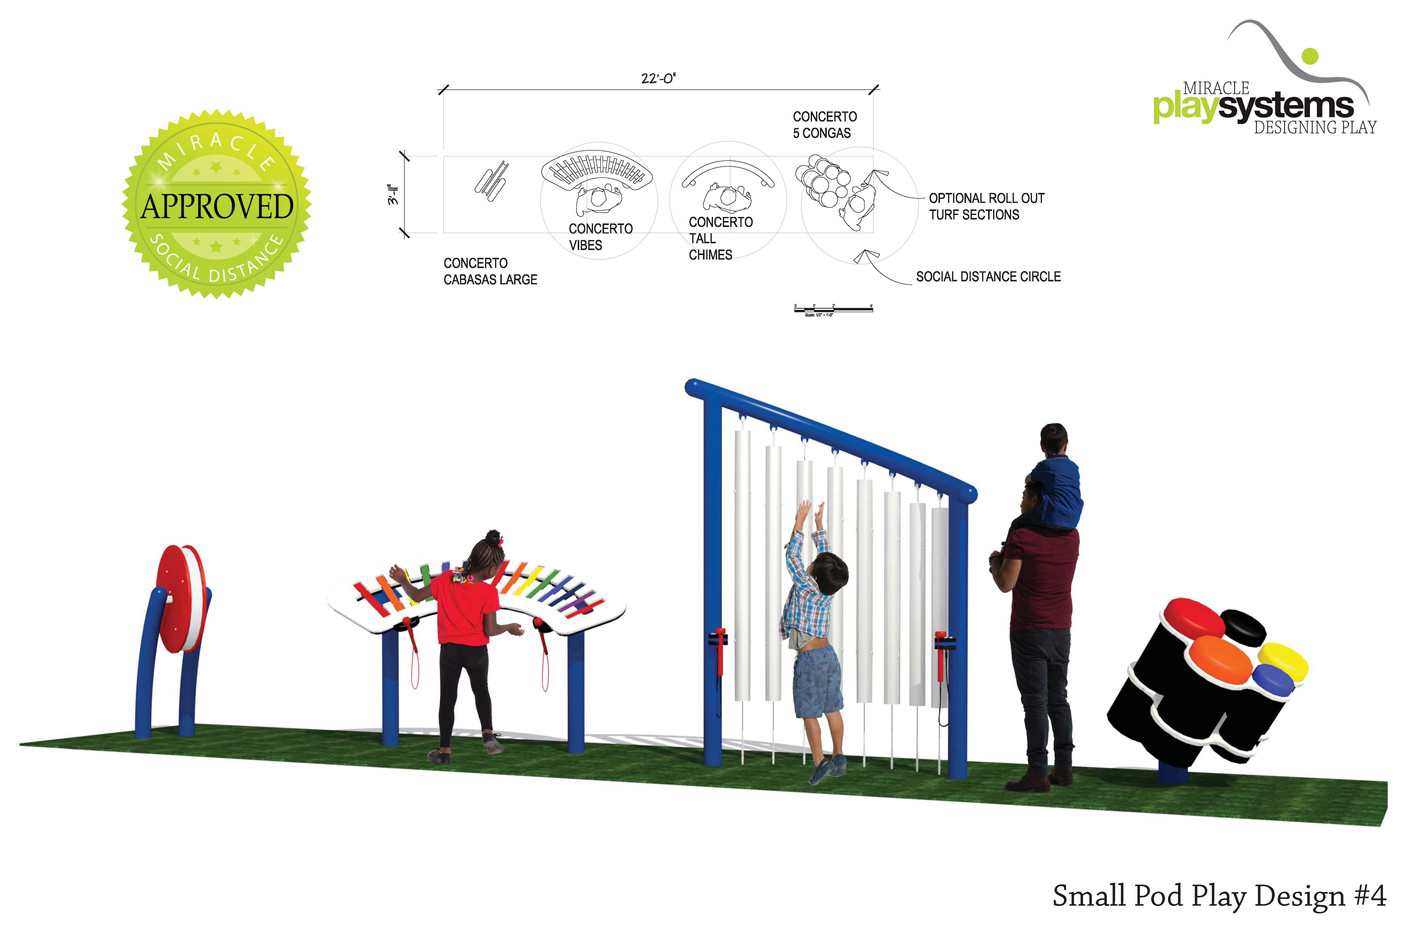 Small Pod Play Design #4